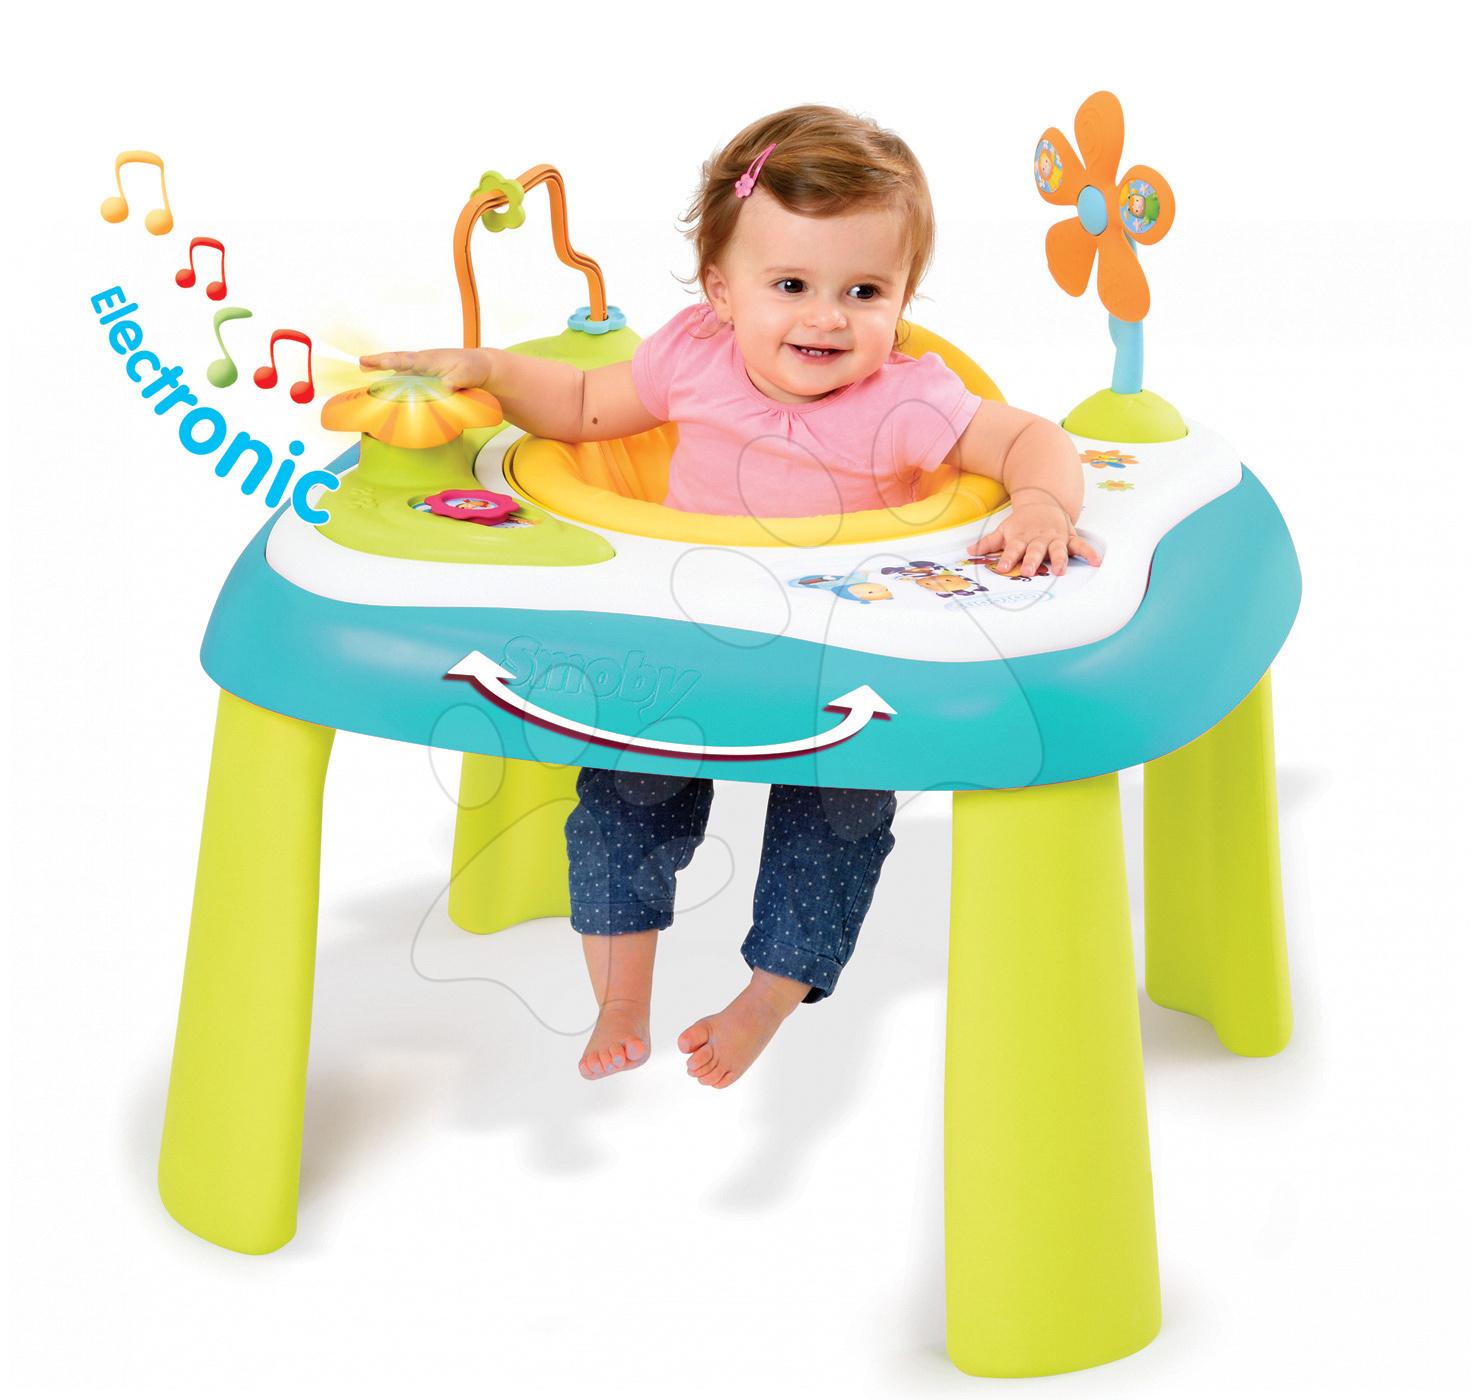 Didaktický stolek Cotoons Youp Smoby multifunkční modrý od 6 měsíců